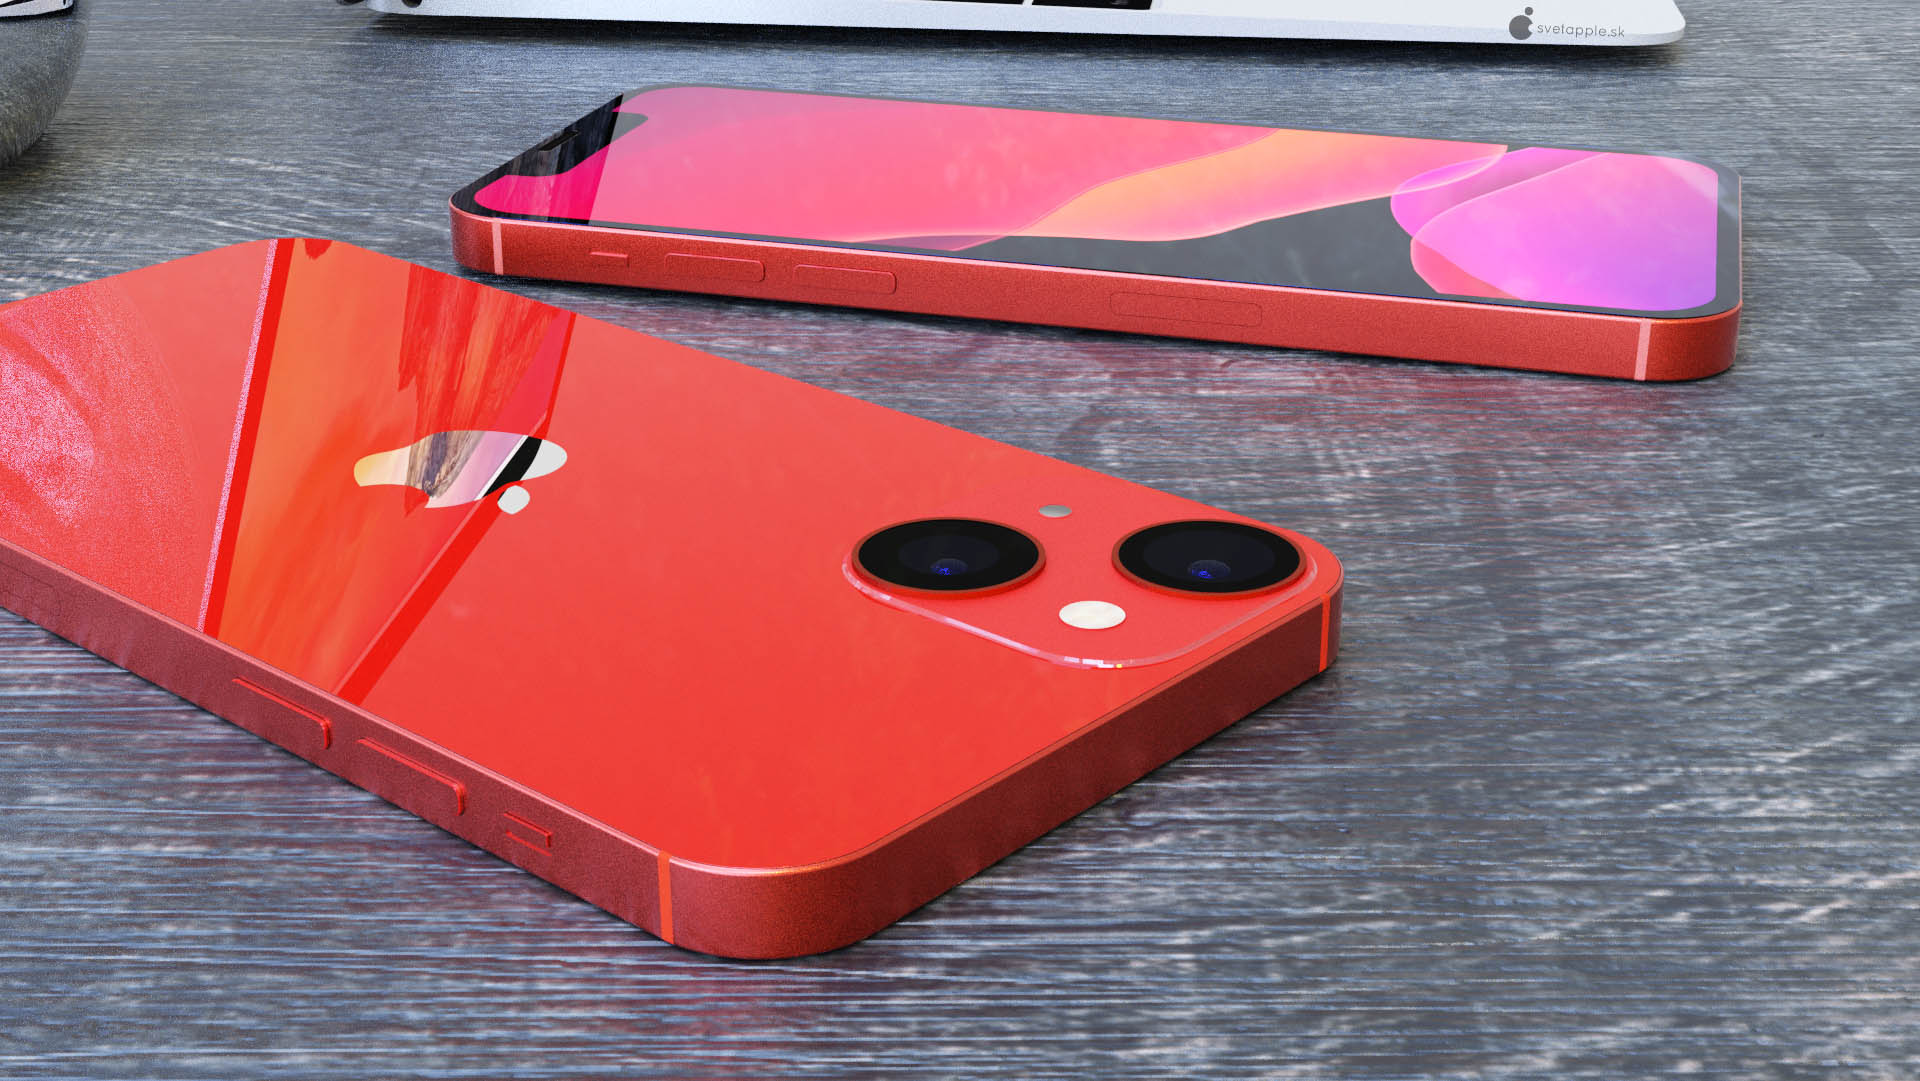 苹果 iPhone 13 mini 高清渲染图:摄像头对角线布局